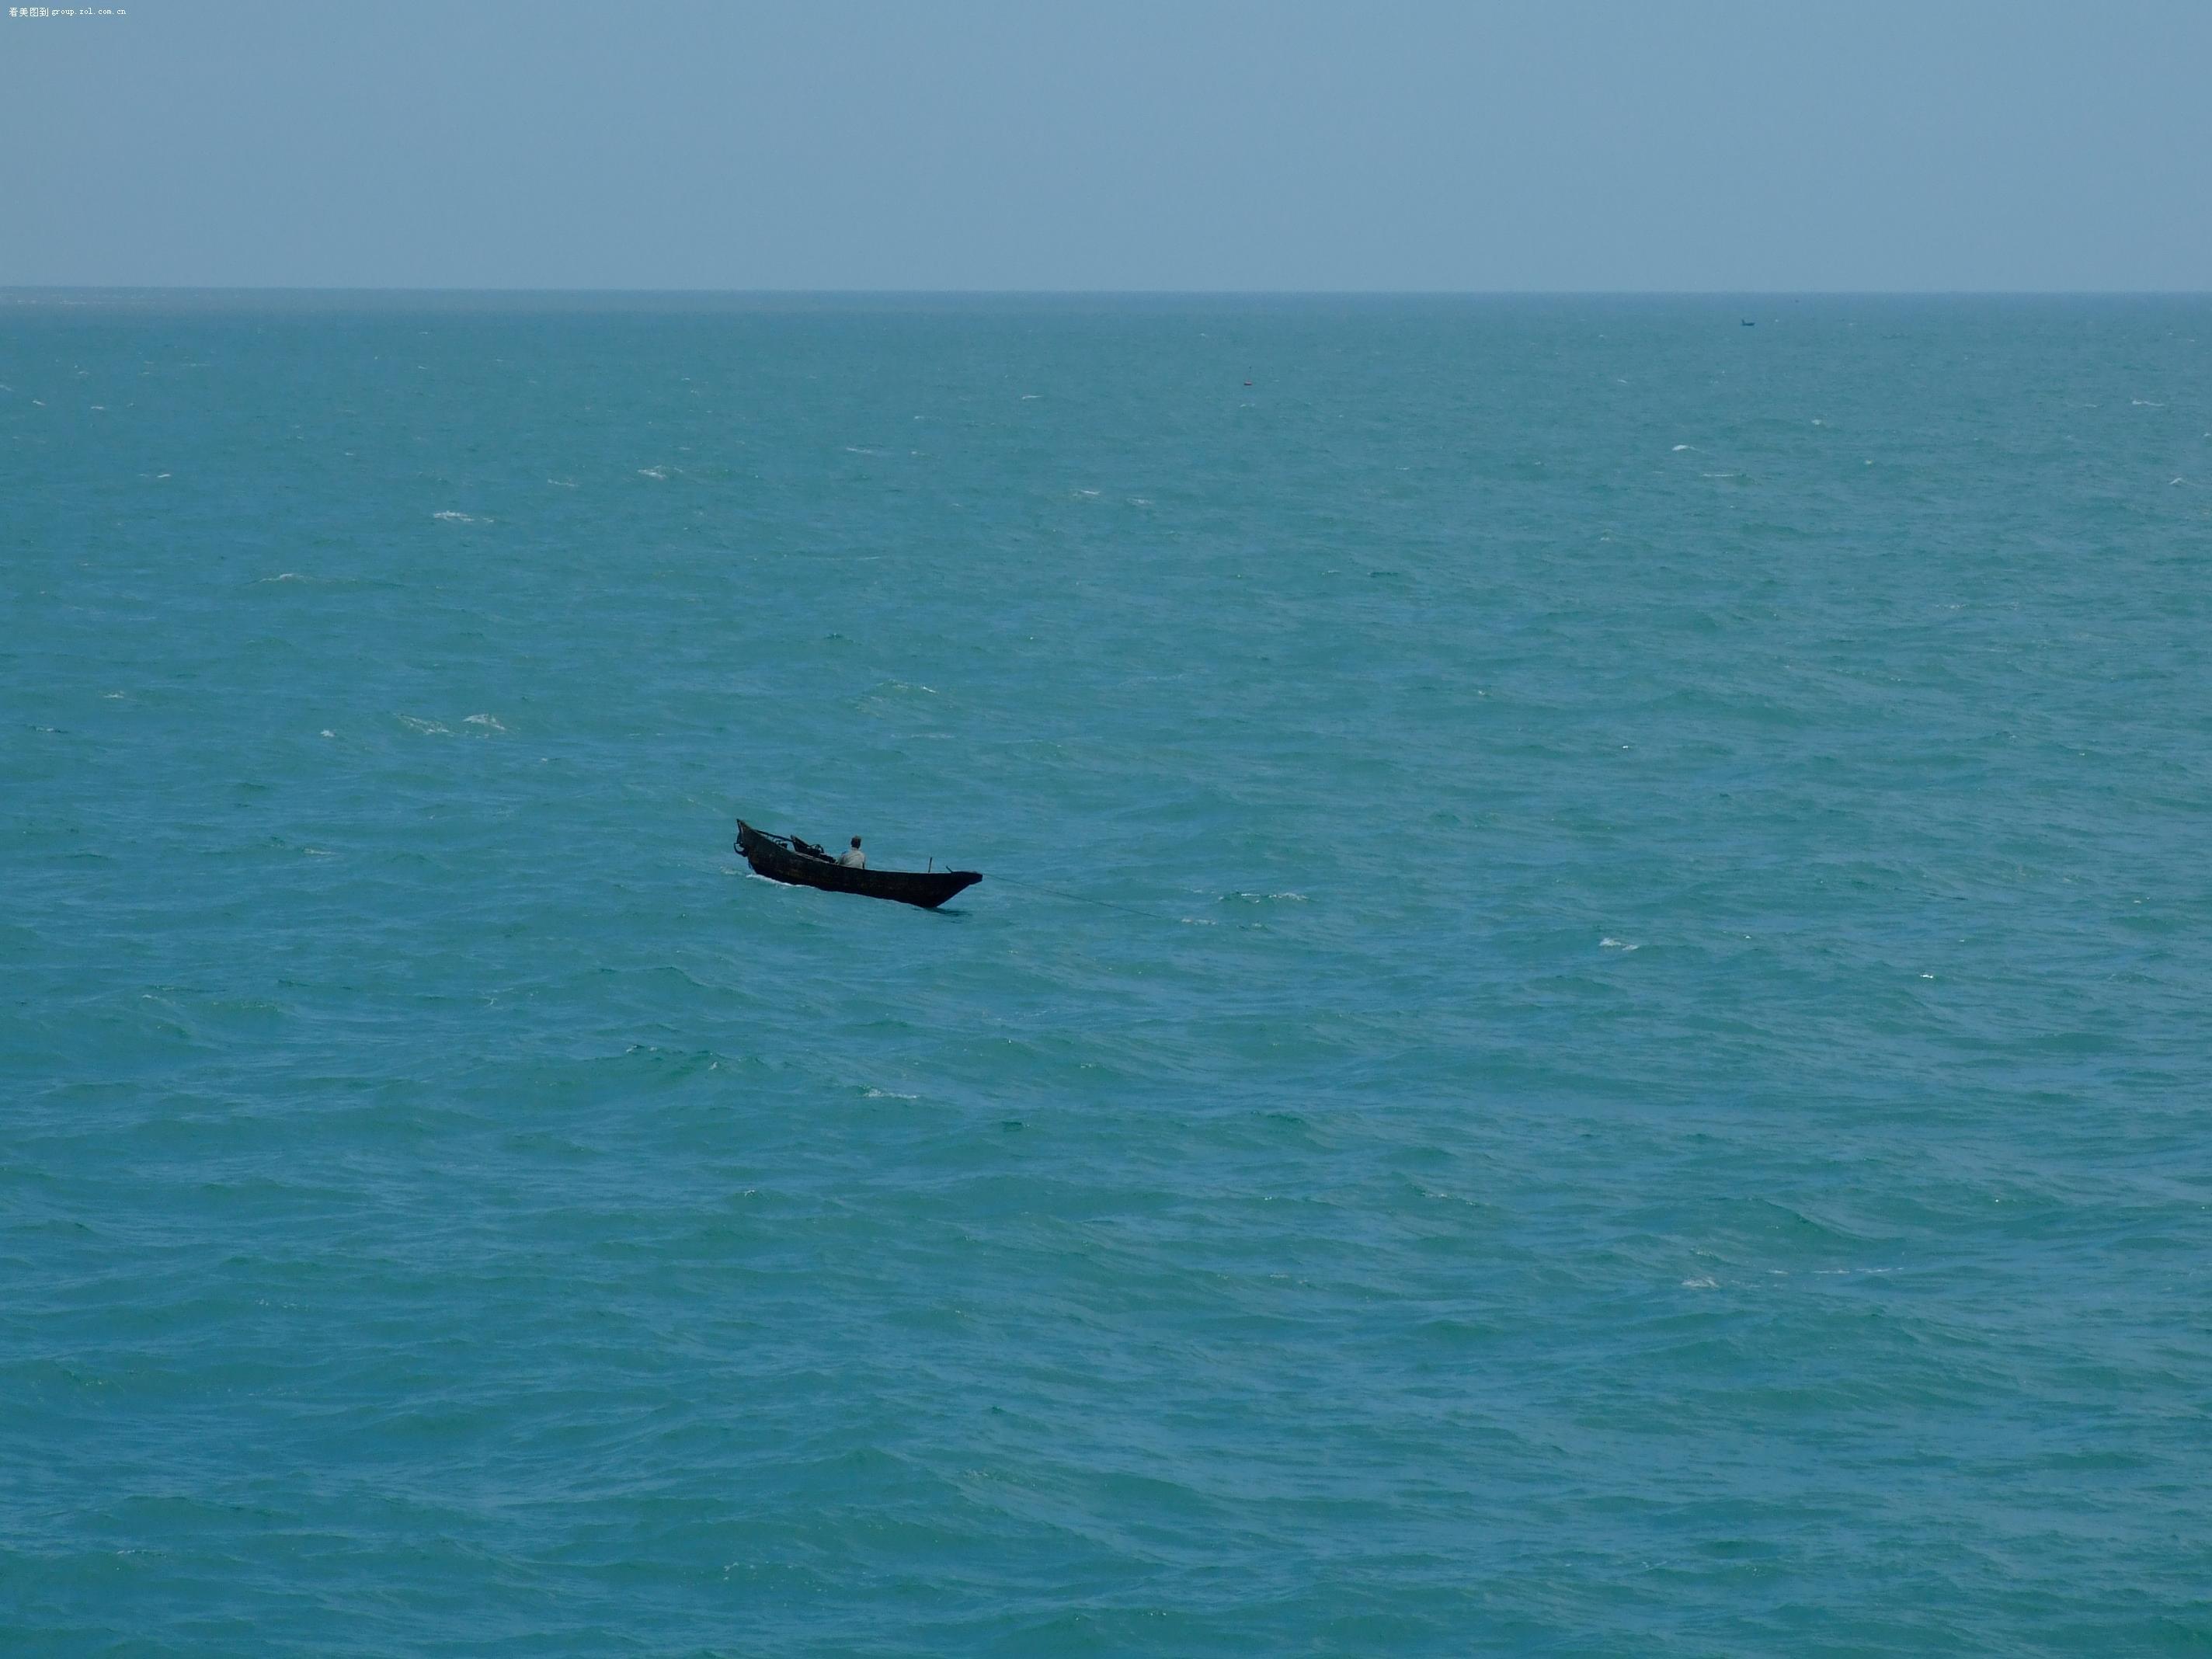 茫茫大海中的一叶小舟